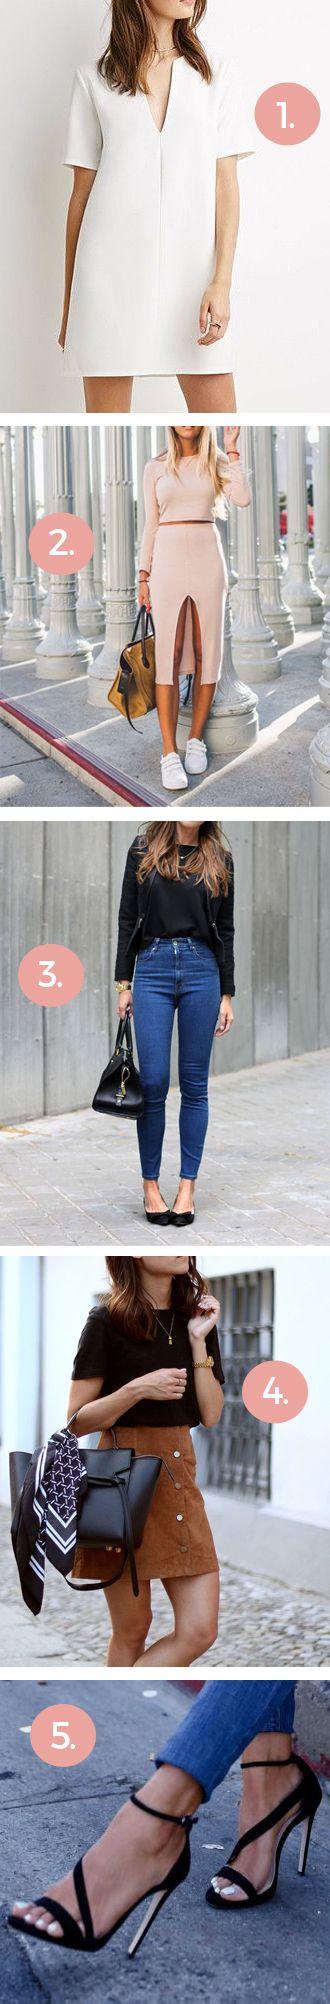 Voor petite vrouwen     1. Draag jurkjes met een V-hals, die creëren optisch meer lengte.     2. Matching top & rok   Vooral de crop top & rok zijn een uitkomst voor kleine vrouwen. Door de hoge, korte top lijken je benen langer.    3. High waist jeans   Om dezelfde reden als #2, high waist broeken creëren optisch nét die 5 cm extra.     4. Show some skin   Je bent immers 'kort', dus je kleren mogen ook kort zijn. :-)    5. Draag hakken!